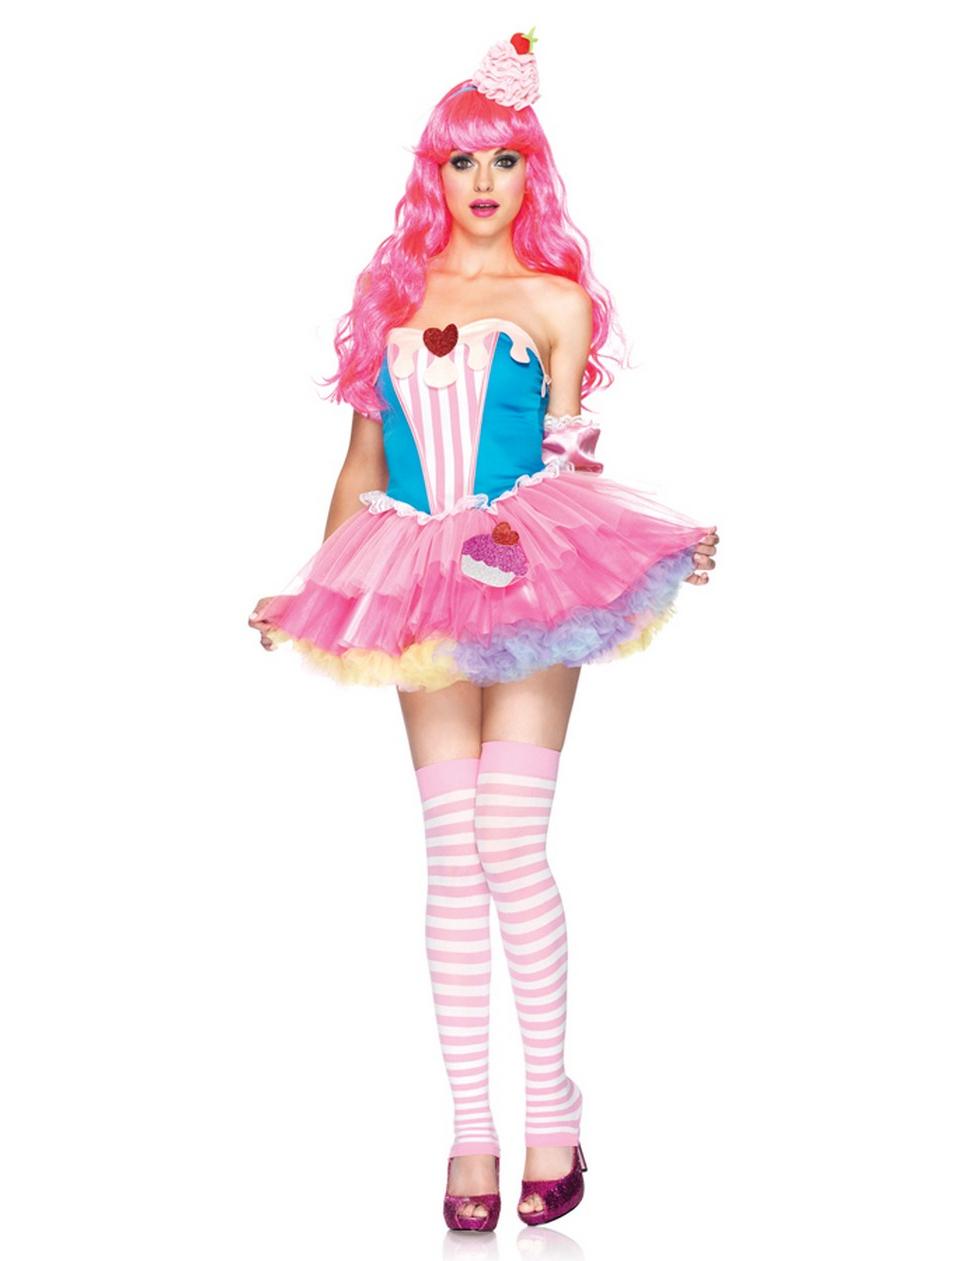 http://cdn.deguisetoi.fr/images/rep_articles/gra/de/deguisement-cupcake-femme_216960.jpg